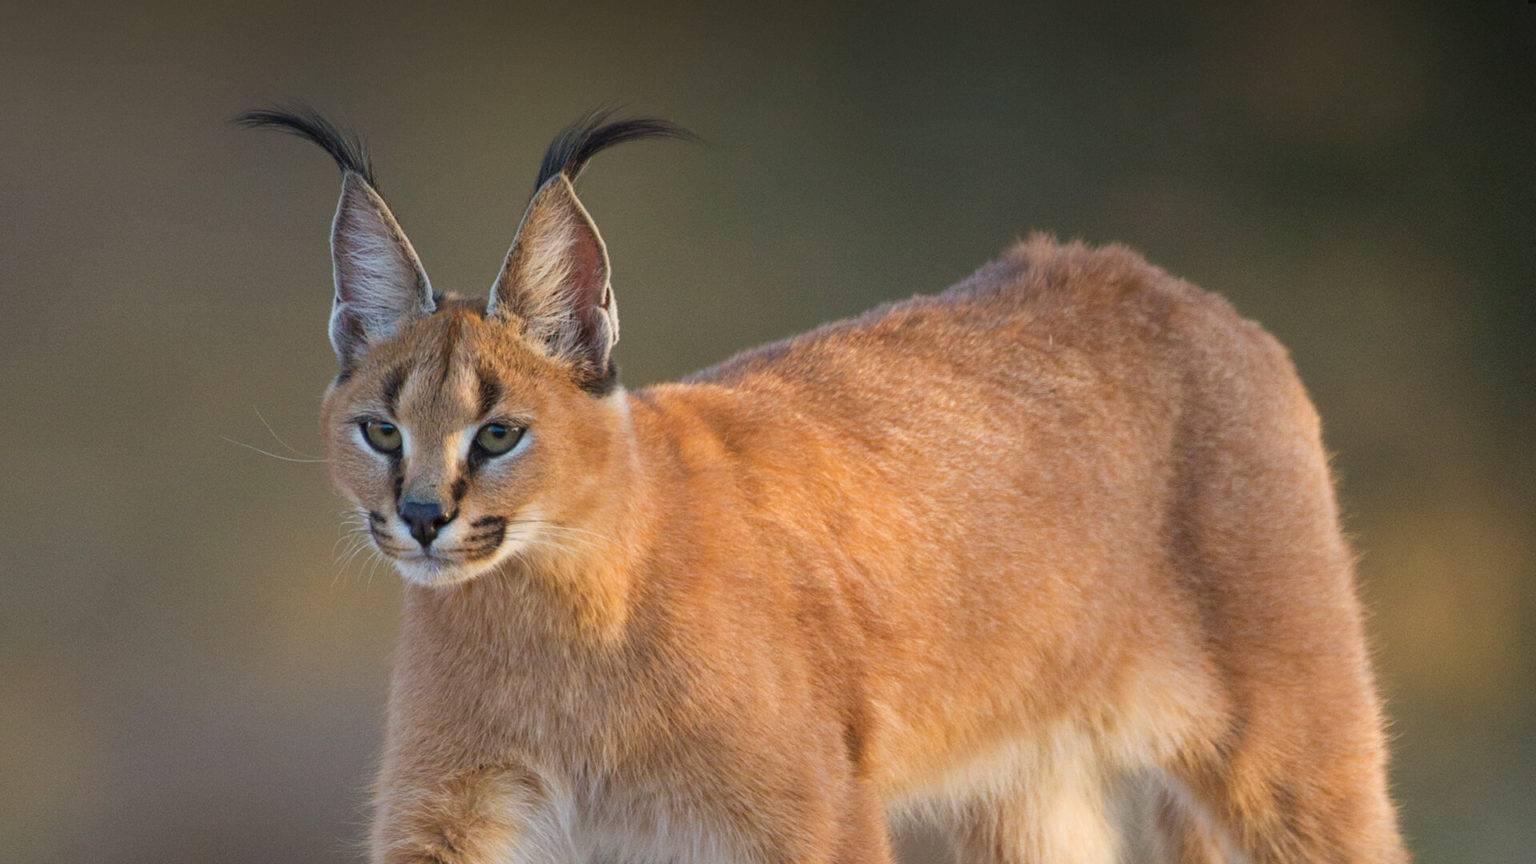 Домашний каракал или пустынная рысь: описание и уход, правила содержания котёнка